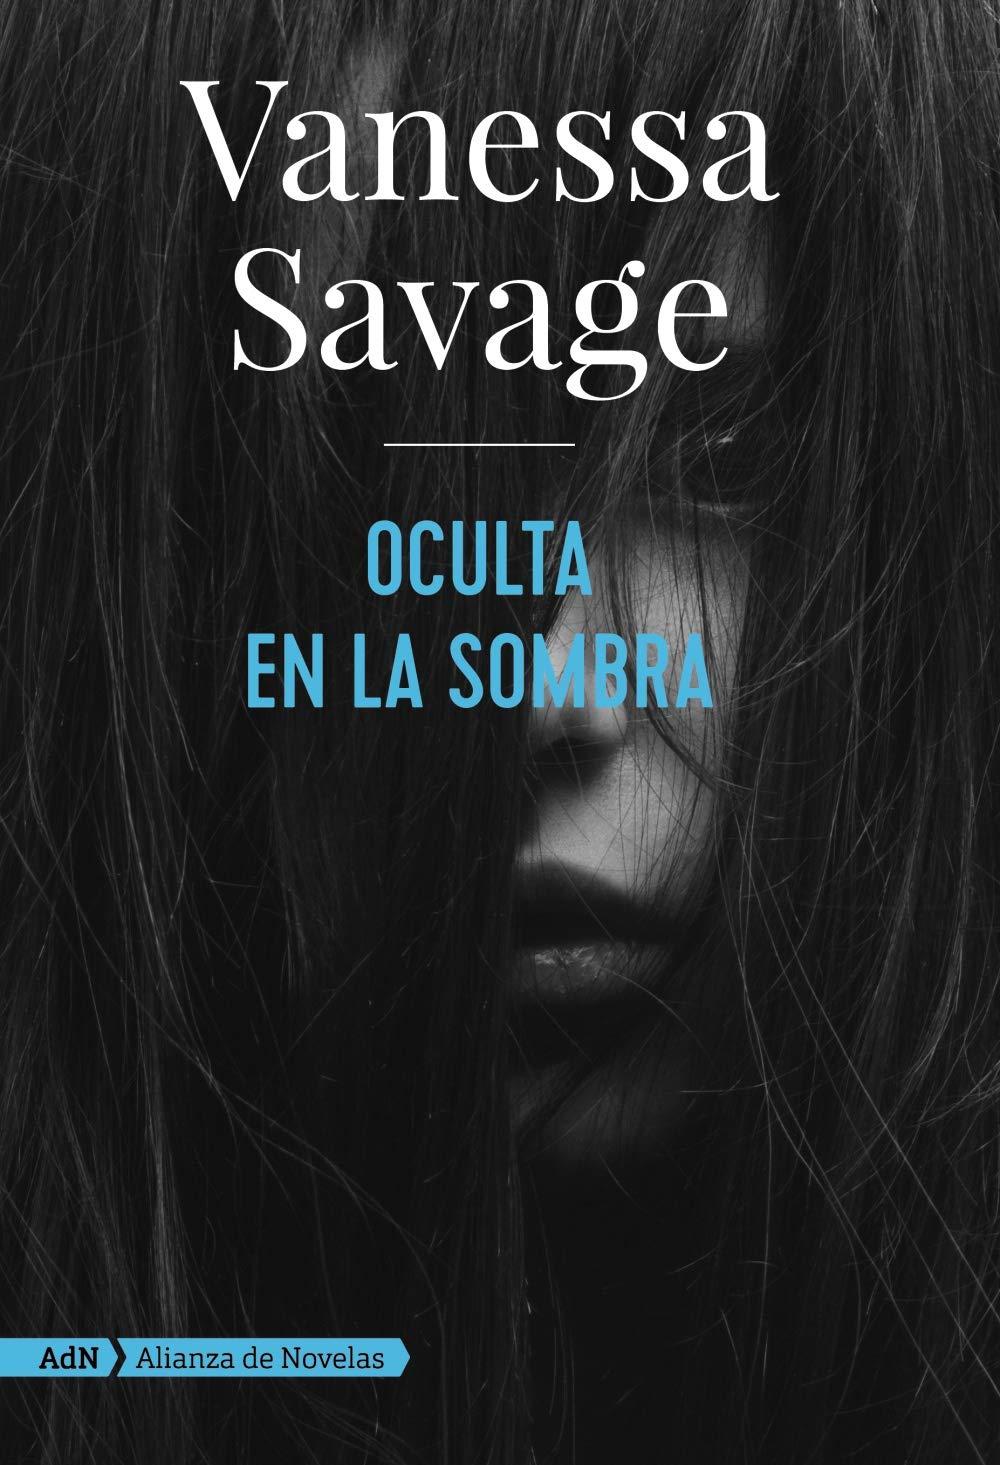 Oculta en la sombra (AdN) (Adn Alianza De Novelas): Amazon.es: Vanessa  Savage, Pilar de la Peña Minguell: Libros